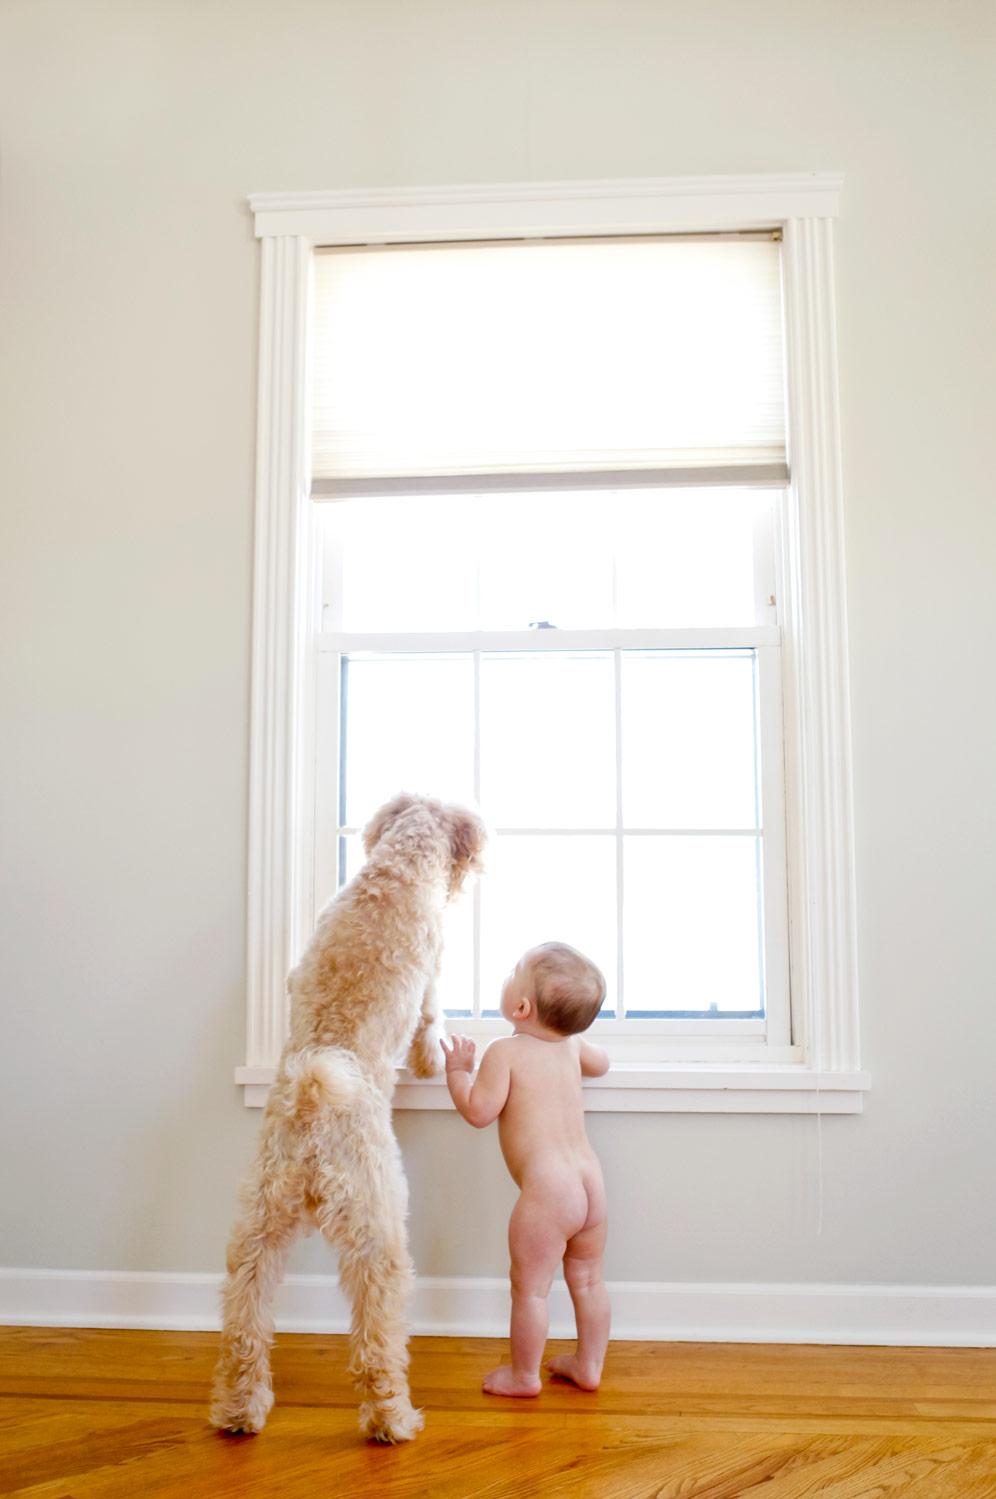 dog-baby-lifestyle-candid-documentary-portrait-ruthie-hauge-photography-geneva.jpg